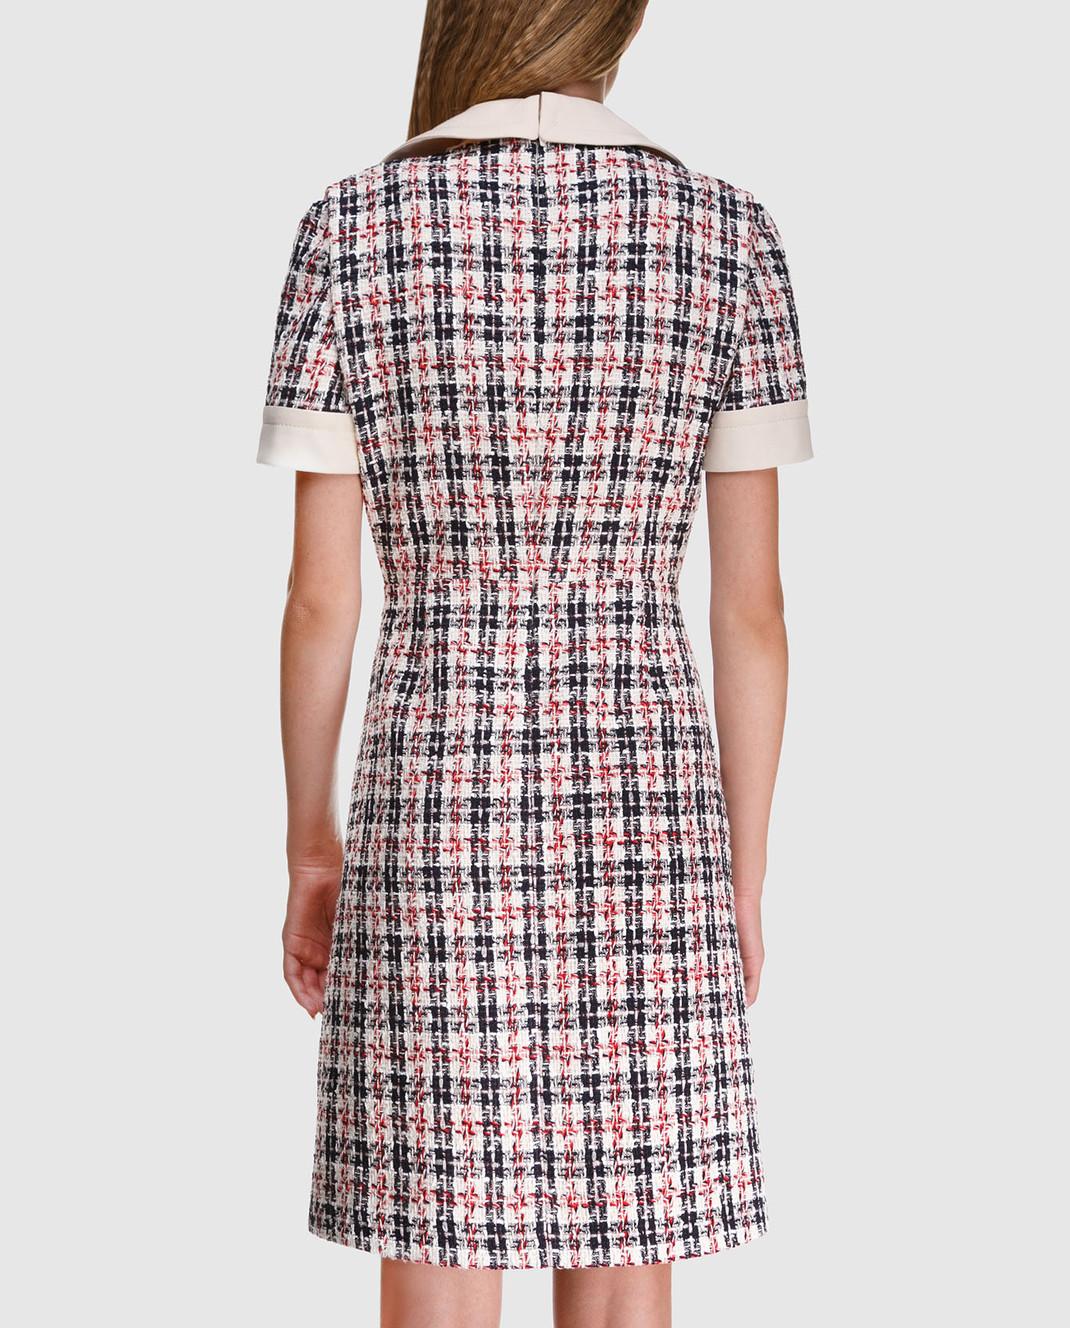 Gucci Твидовое платье 530704 изображение 4